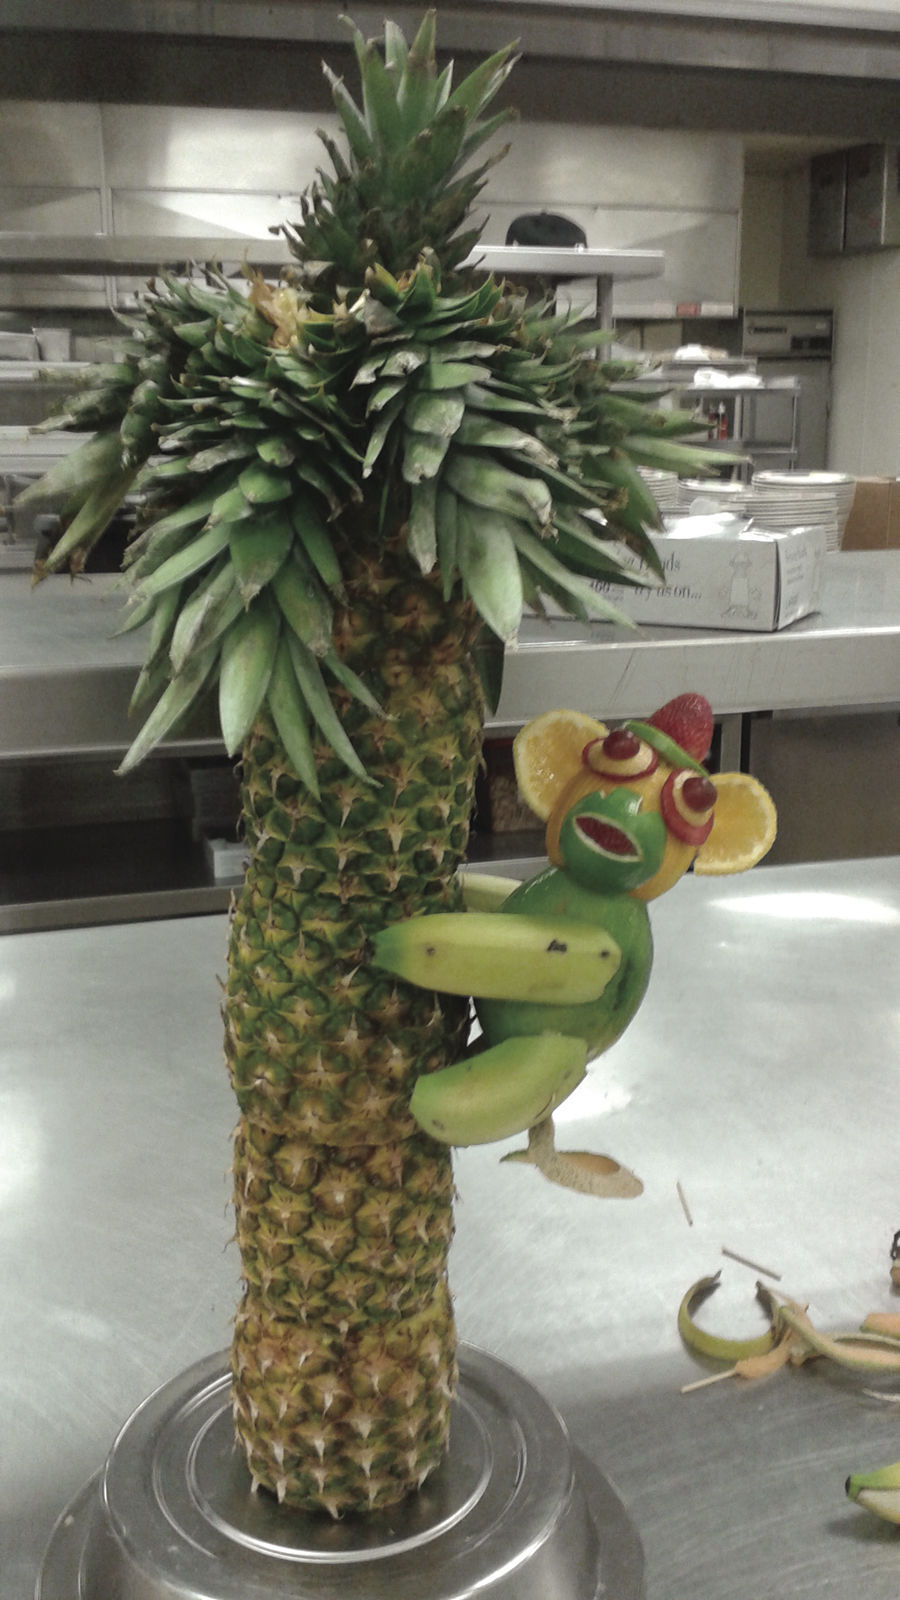 Art in fruit